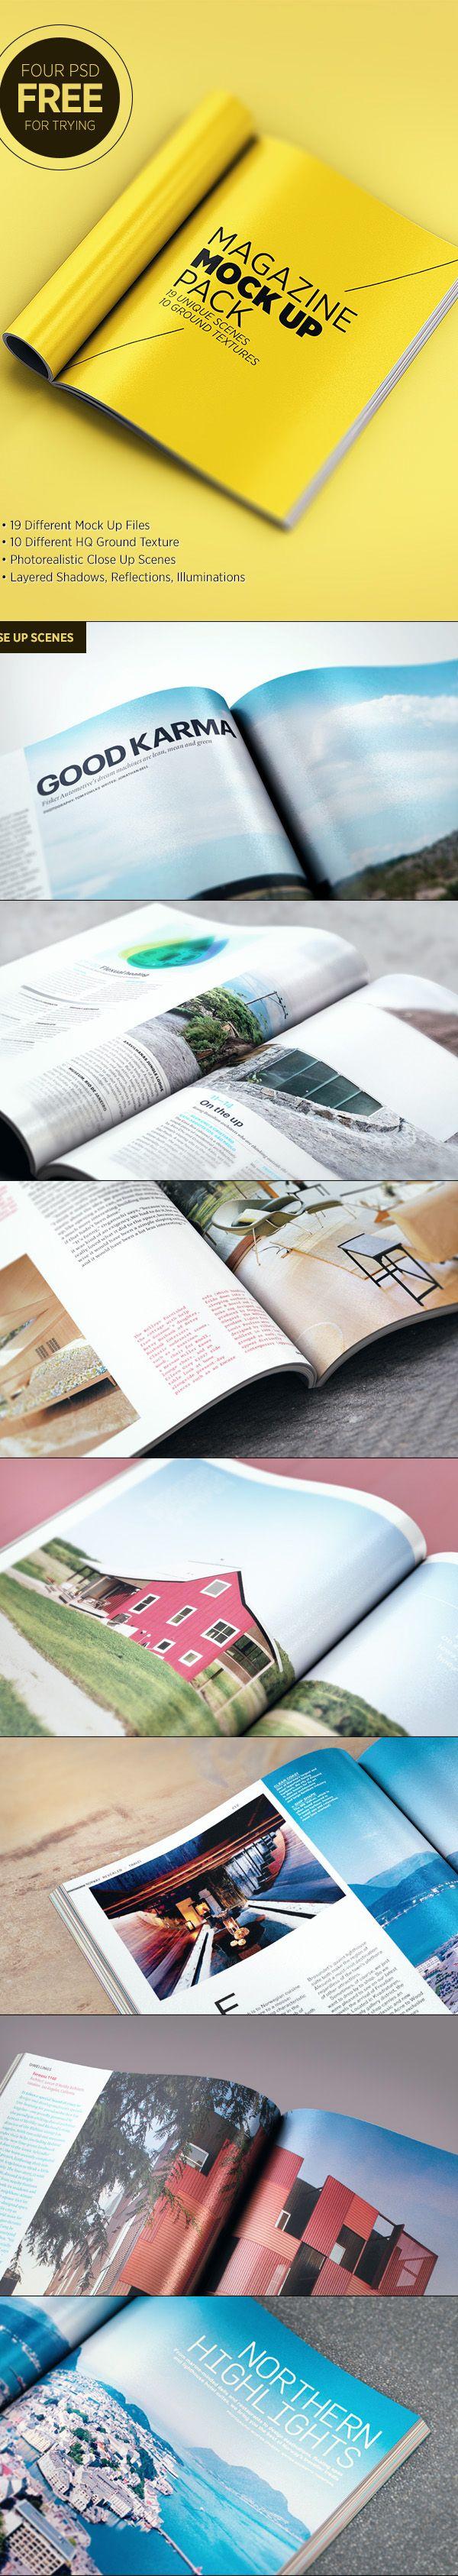 // Nos impressions // Imprimez en ligne vos impressions sur  http://www.quickimprim.fr/nos-produits/  ---   http://www.quickimprim.fr/ #flyers #graphisme #design